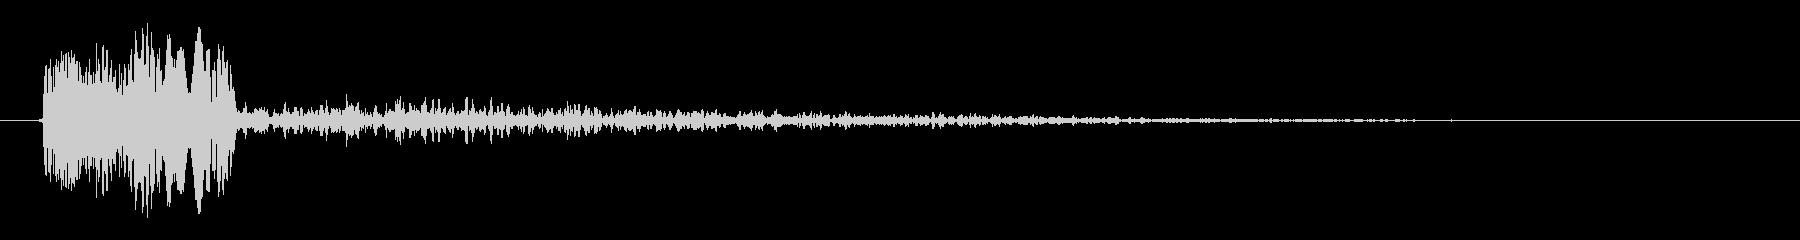 ピロッというシステム音の未再生の波形